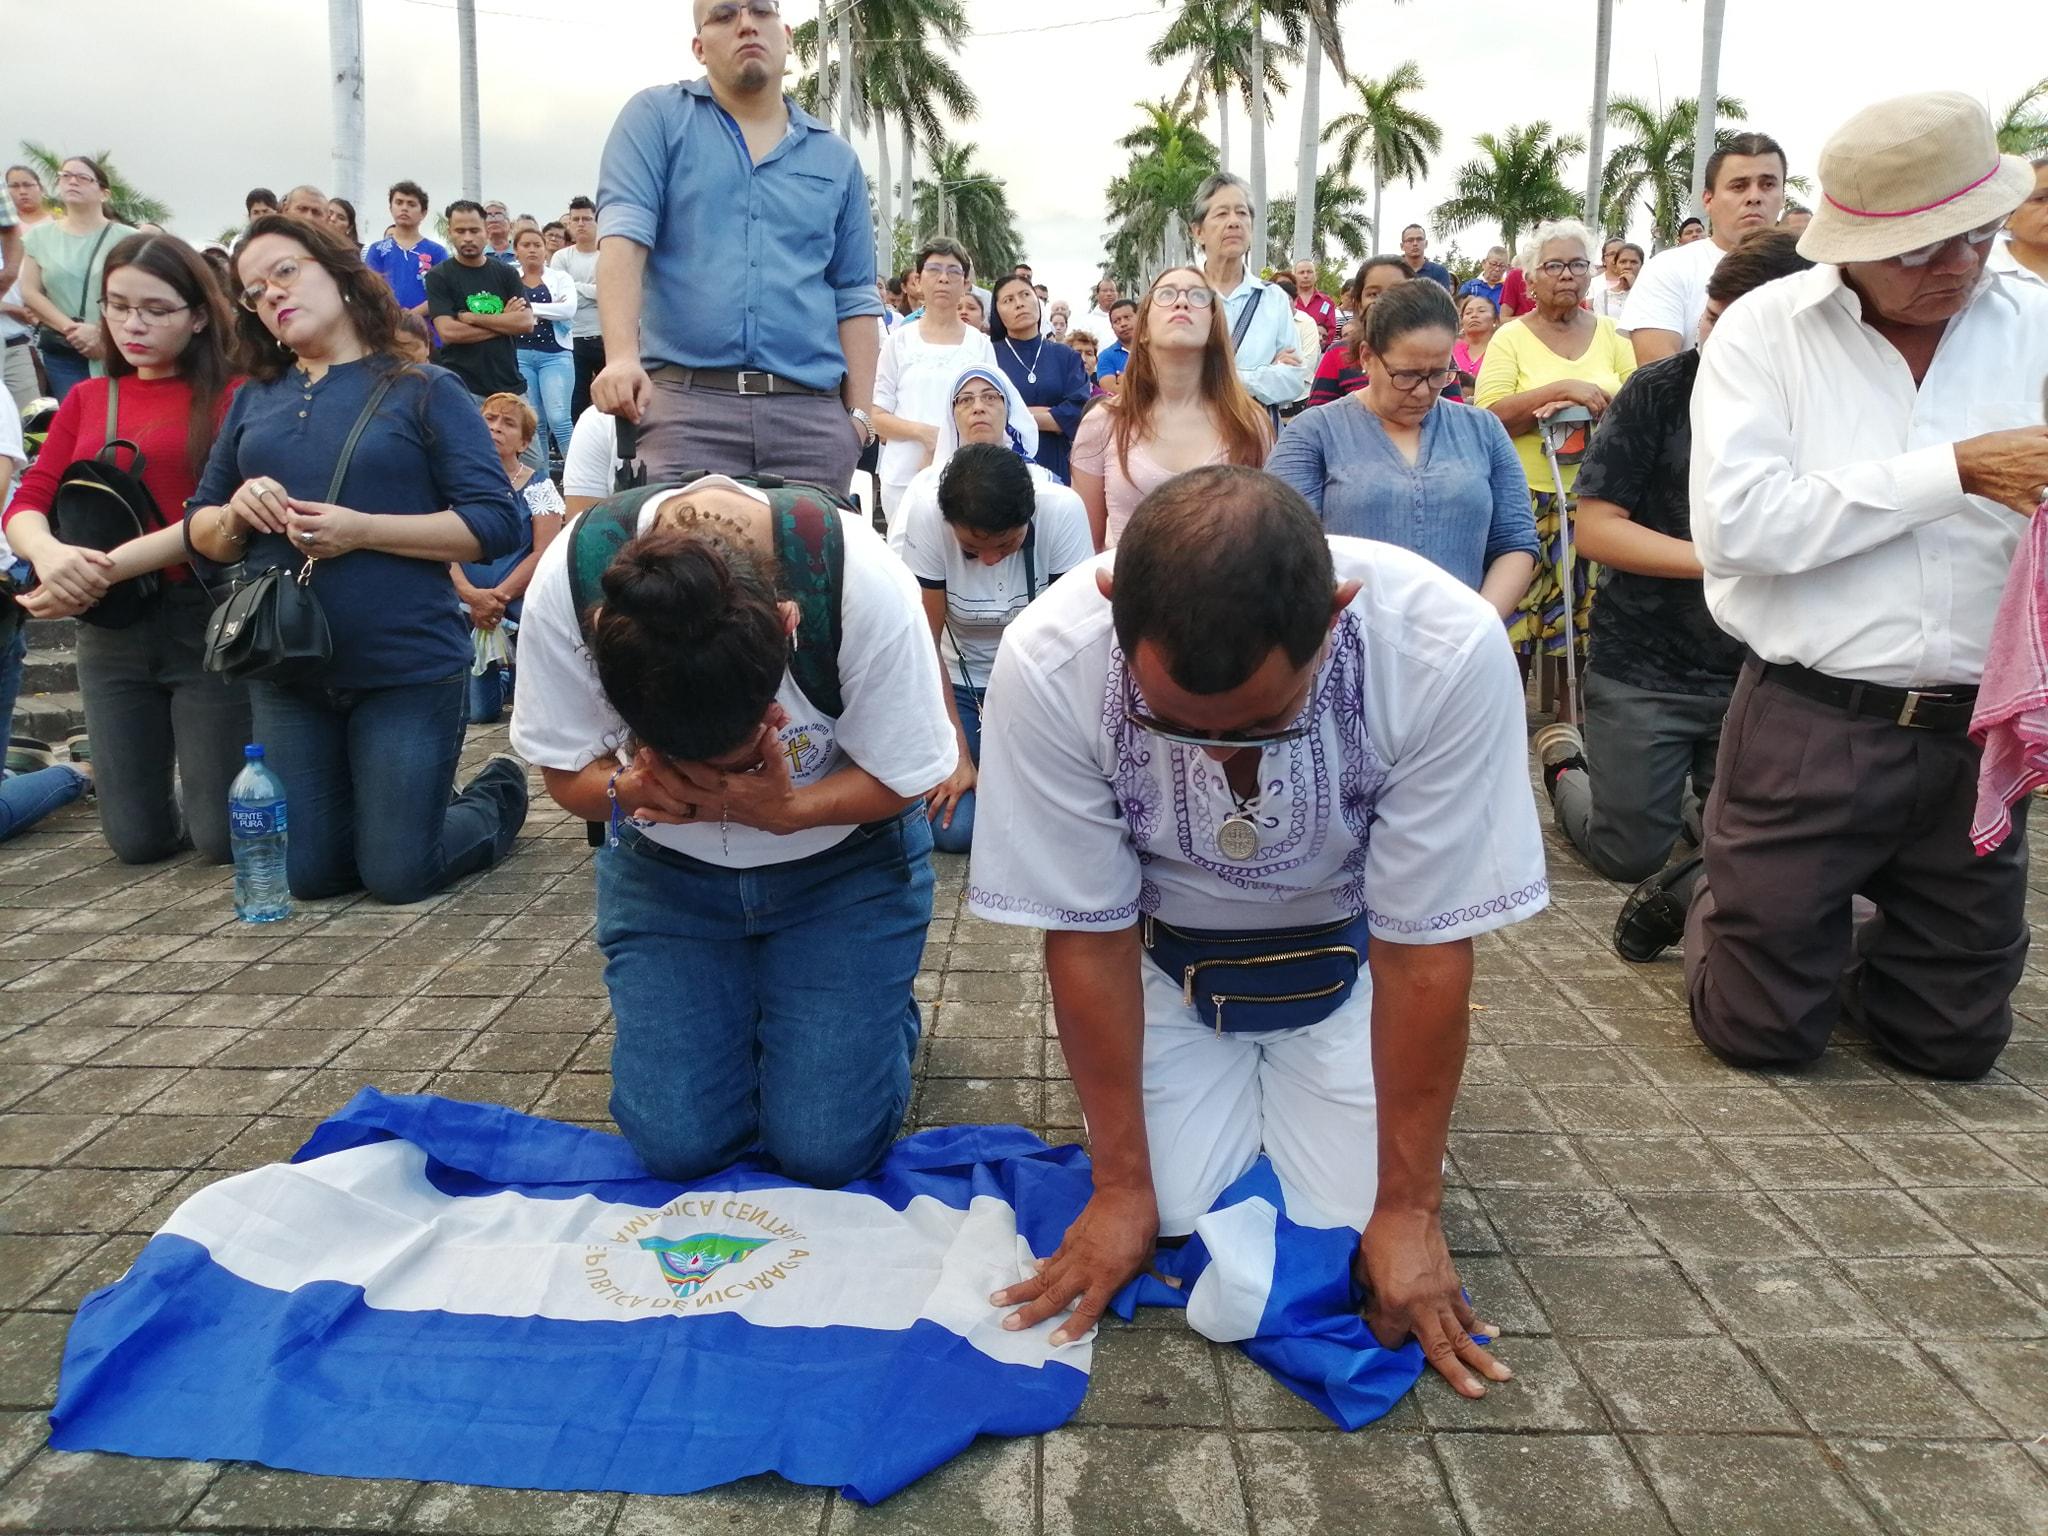 Las banderas de Nicaragua formaron parte de la actividad religiosa. Foto: Noel Miranda / Artículo 66